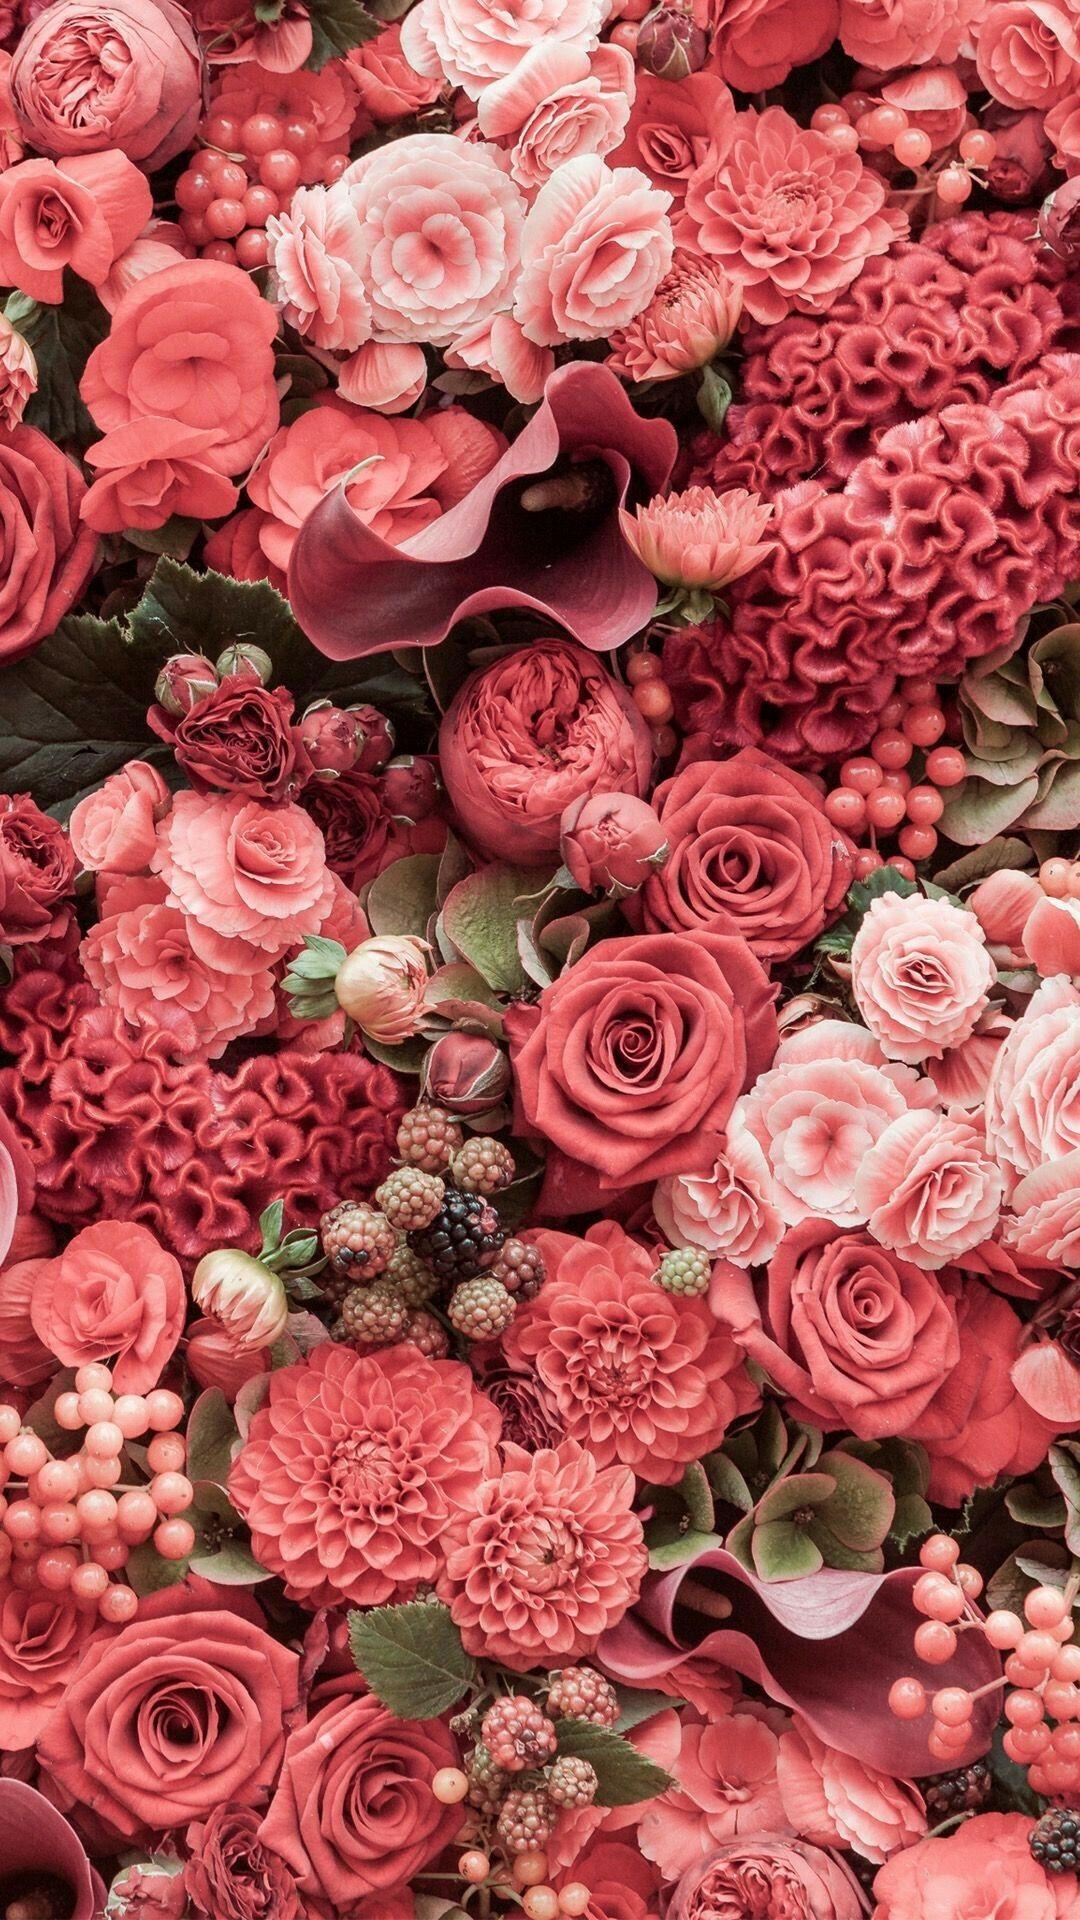 Épinglé par Jesi sur Spring ️ Tendances fleurs, Fond d